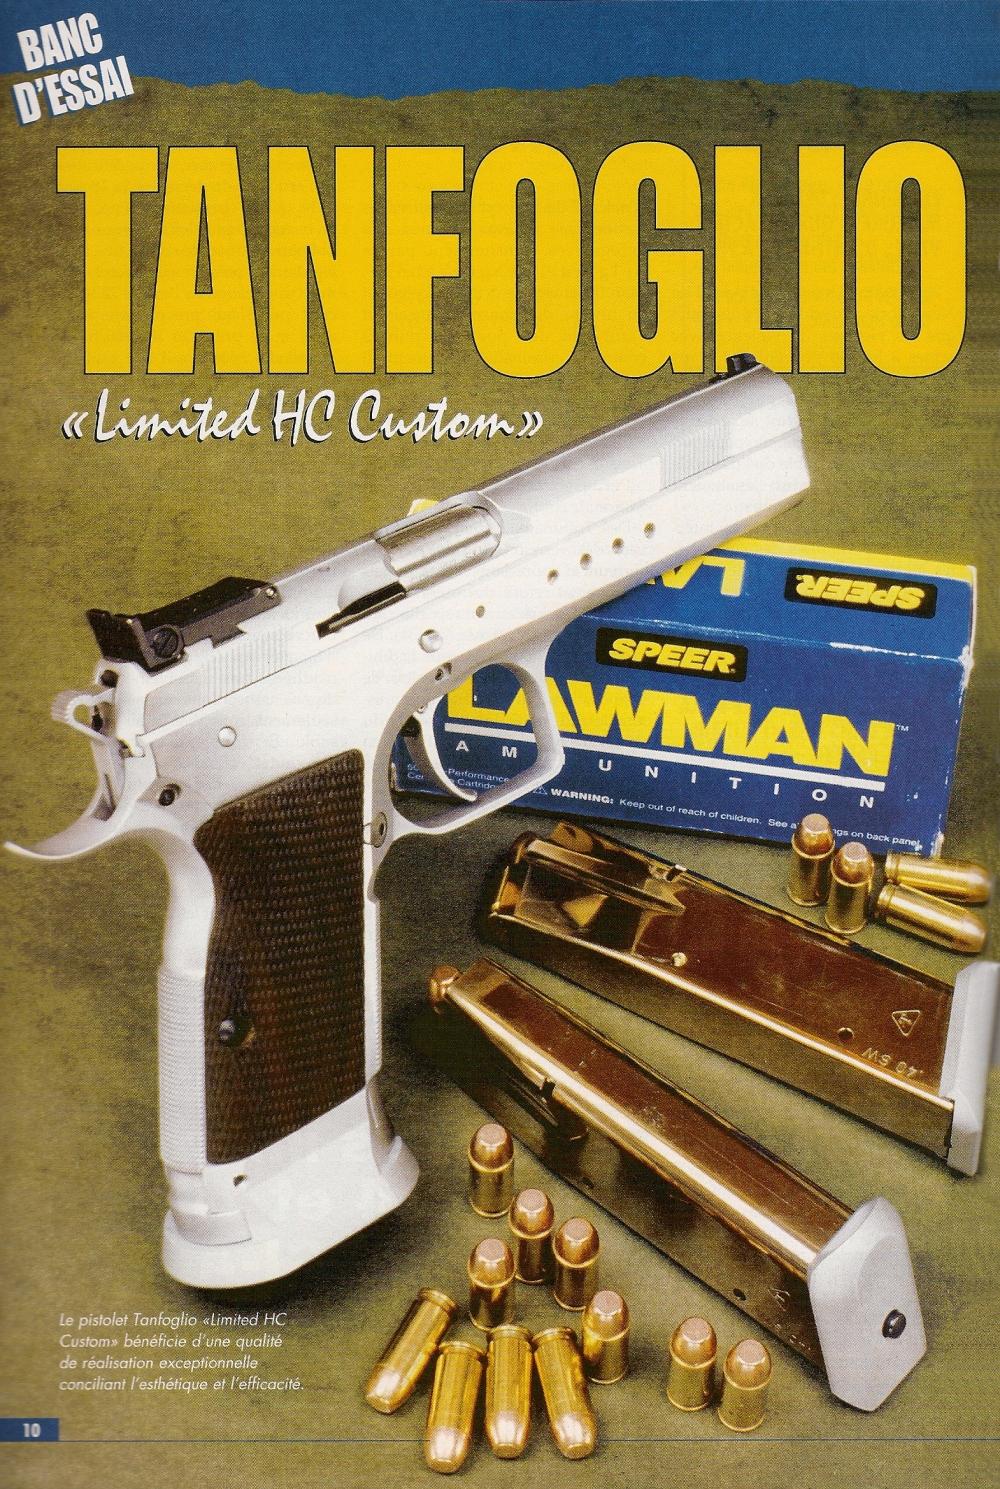 Le pistolet Tanfoglio « Limited HC Custom » bénéficie d'une qualité de réalisation exceptionnelle conciliant l'esthétique et l'efficacité.